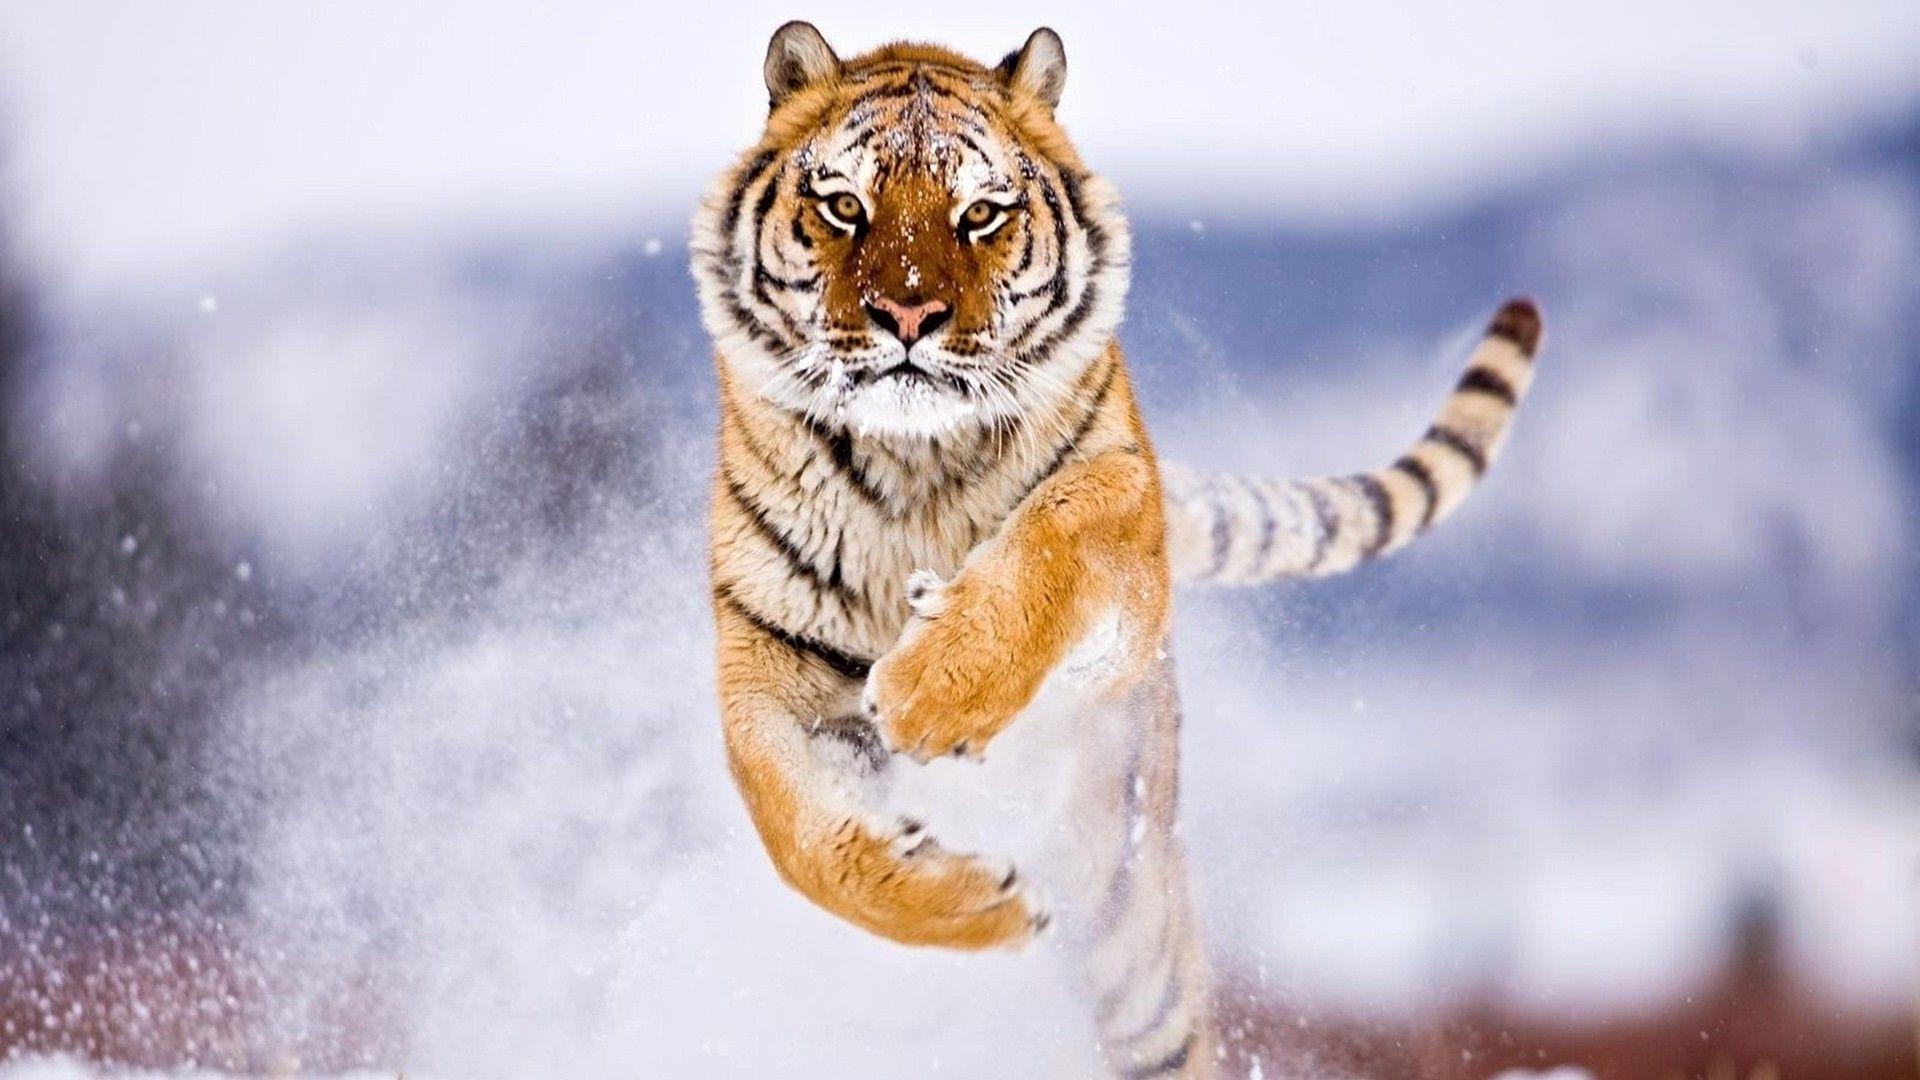 Running tiger wallpaper hd